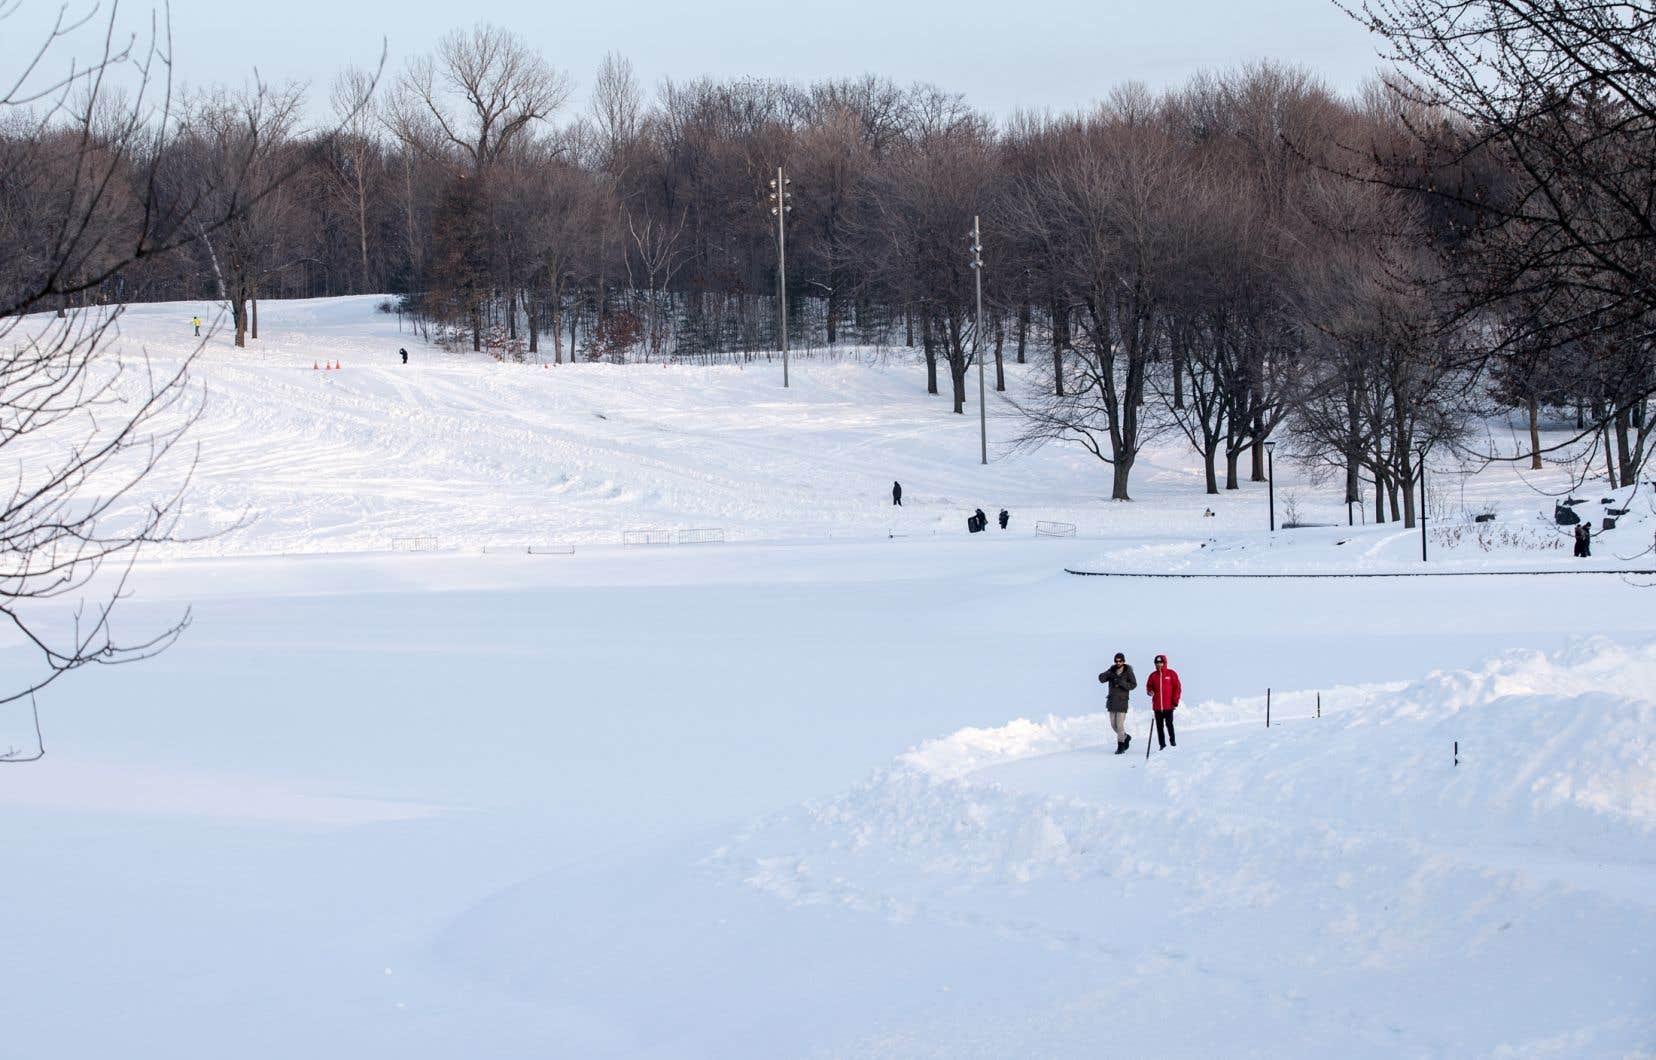 Un projet d'épreuve de la Coupe du monde de ski alpin sur les pentes du mont Royal a été refusé par la Ville.